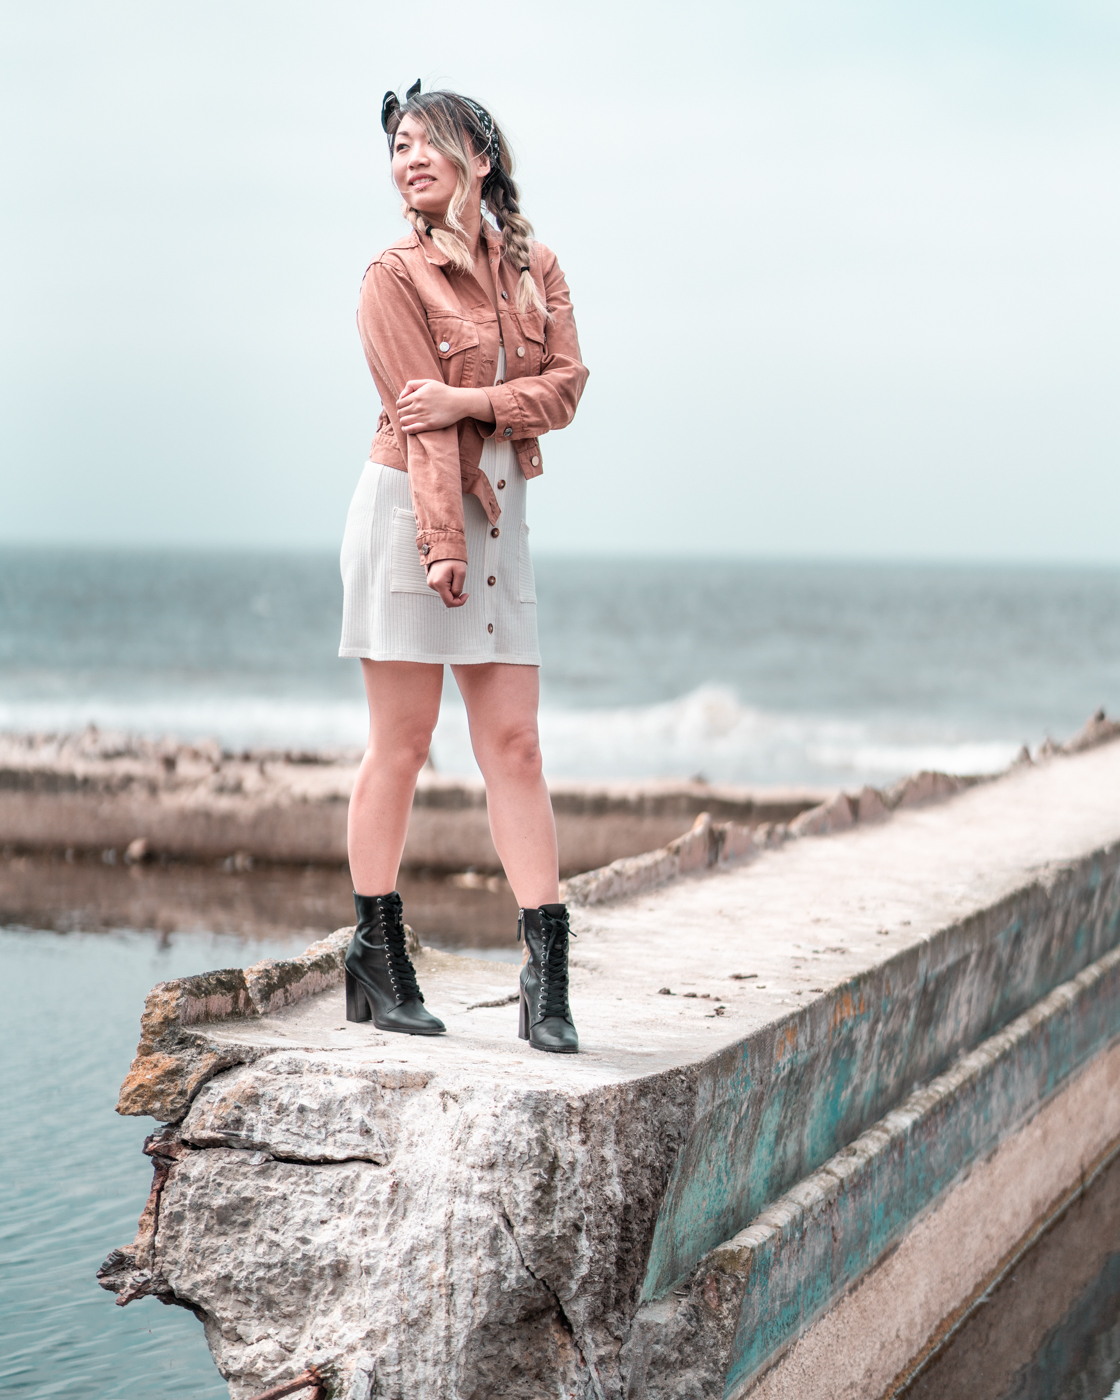 Schutz Makayla Boots   The Chic Diary